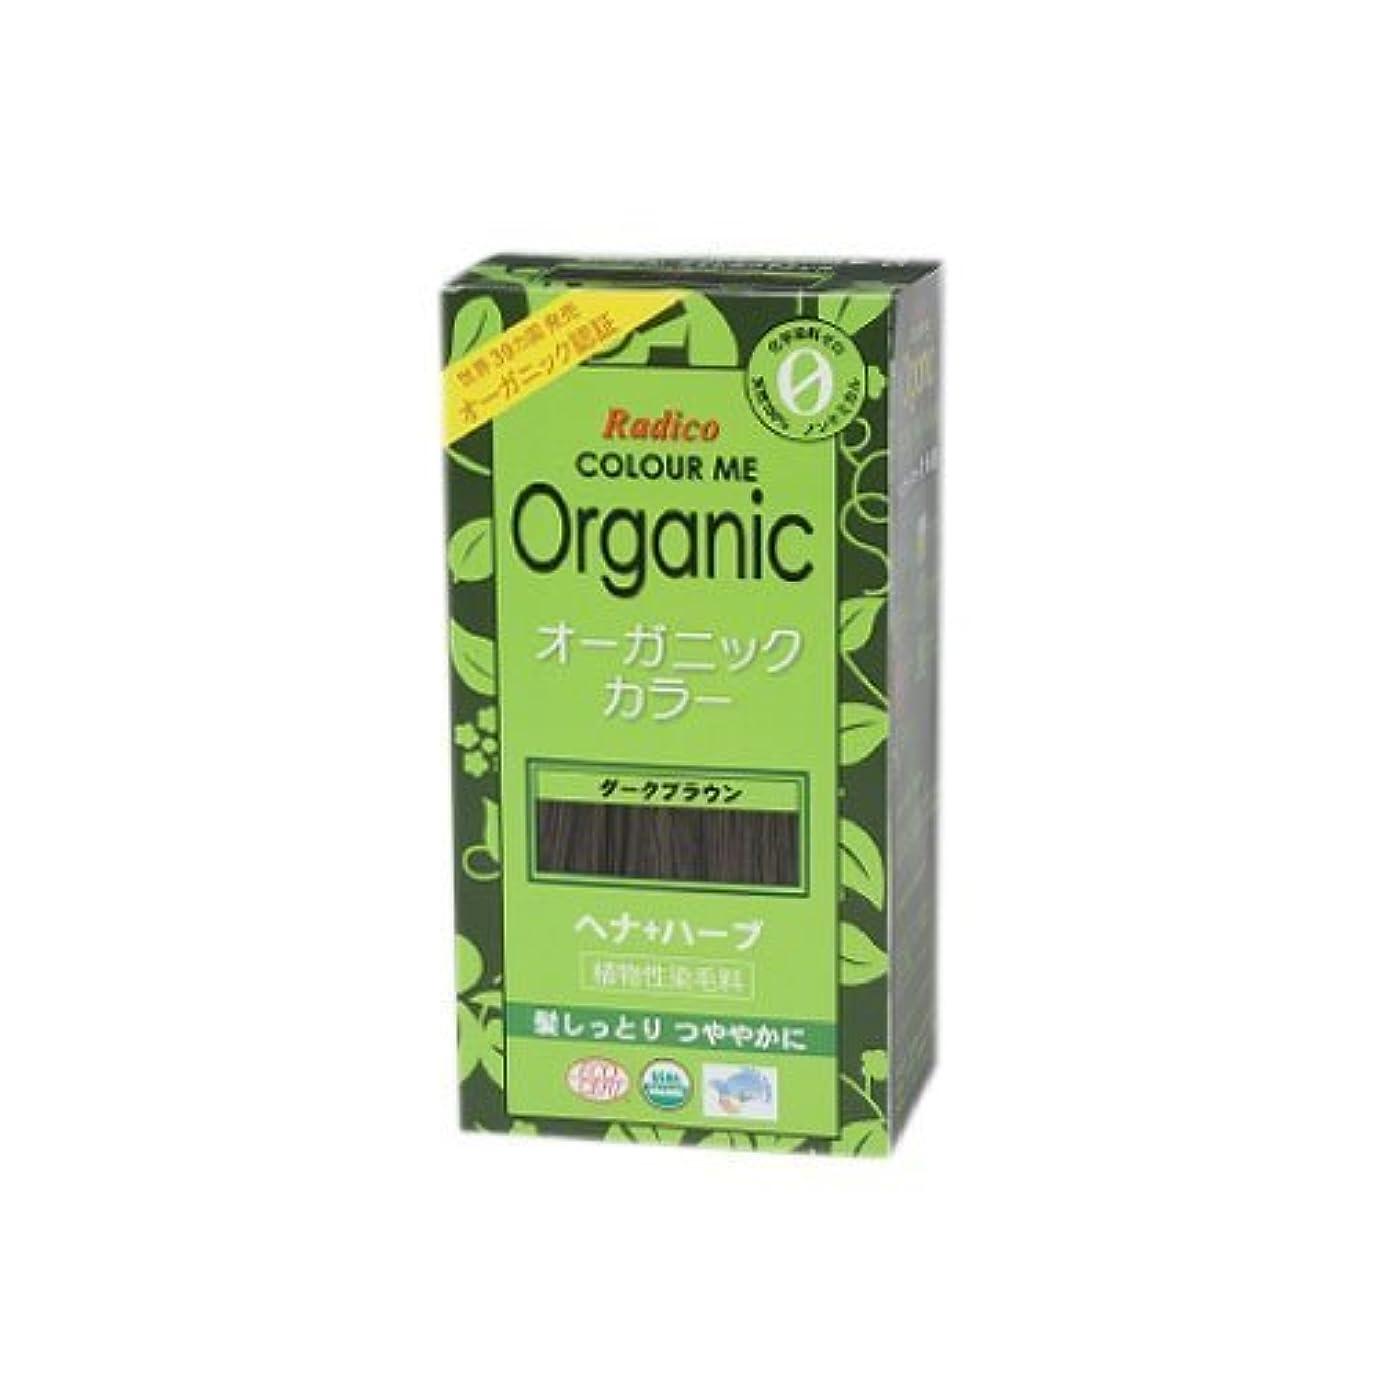 COLOURME Organic (カラーミーオーガニック ヘナ 白髪用) ダークブラウン 100g